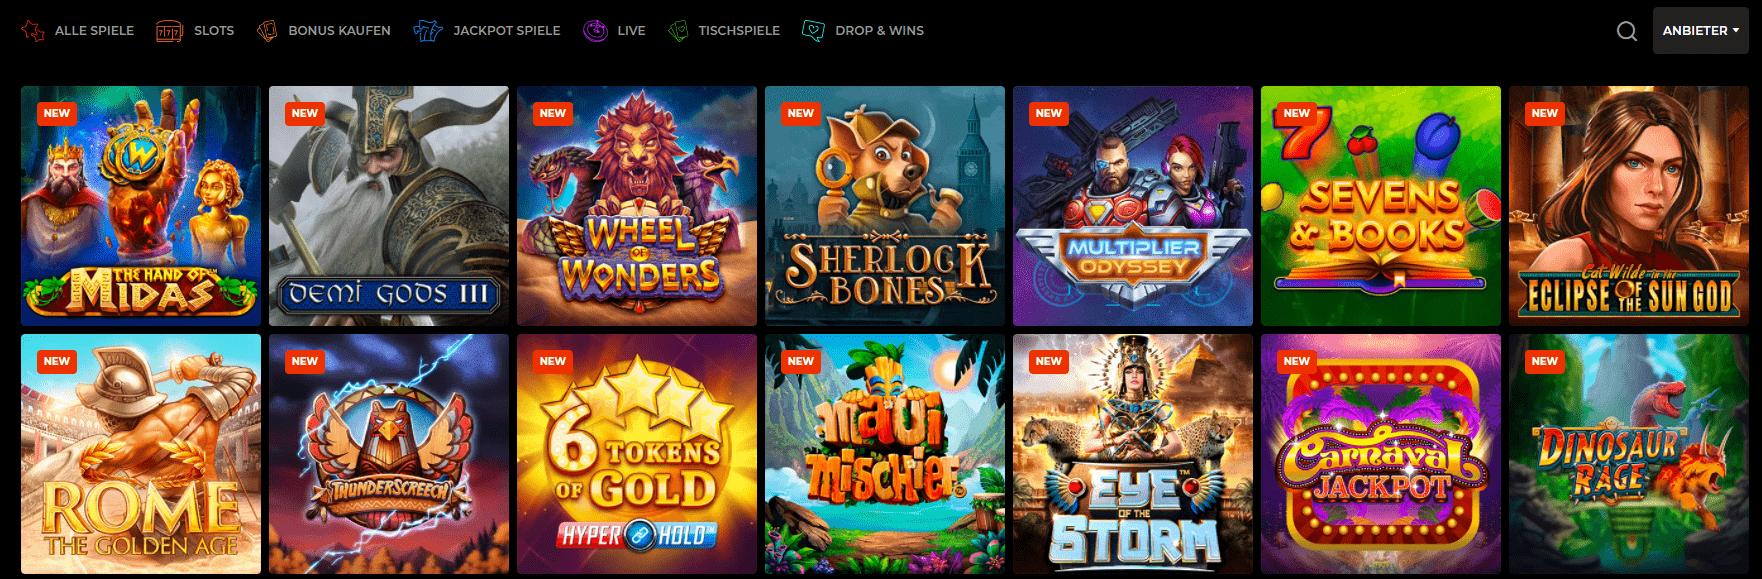 Spielerübersicht im N1 Casino